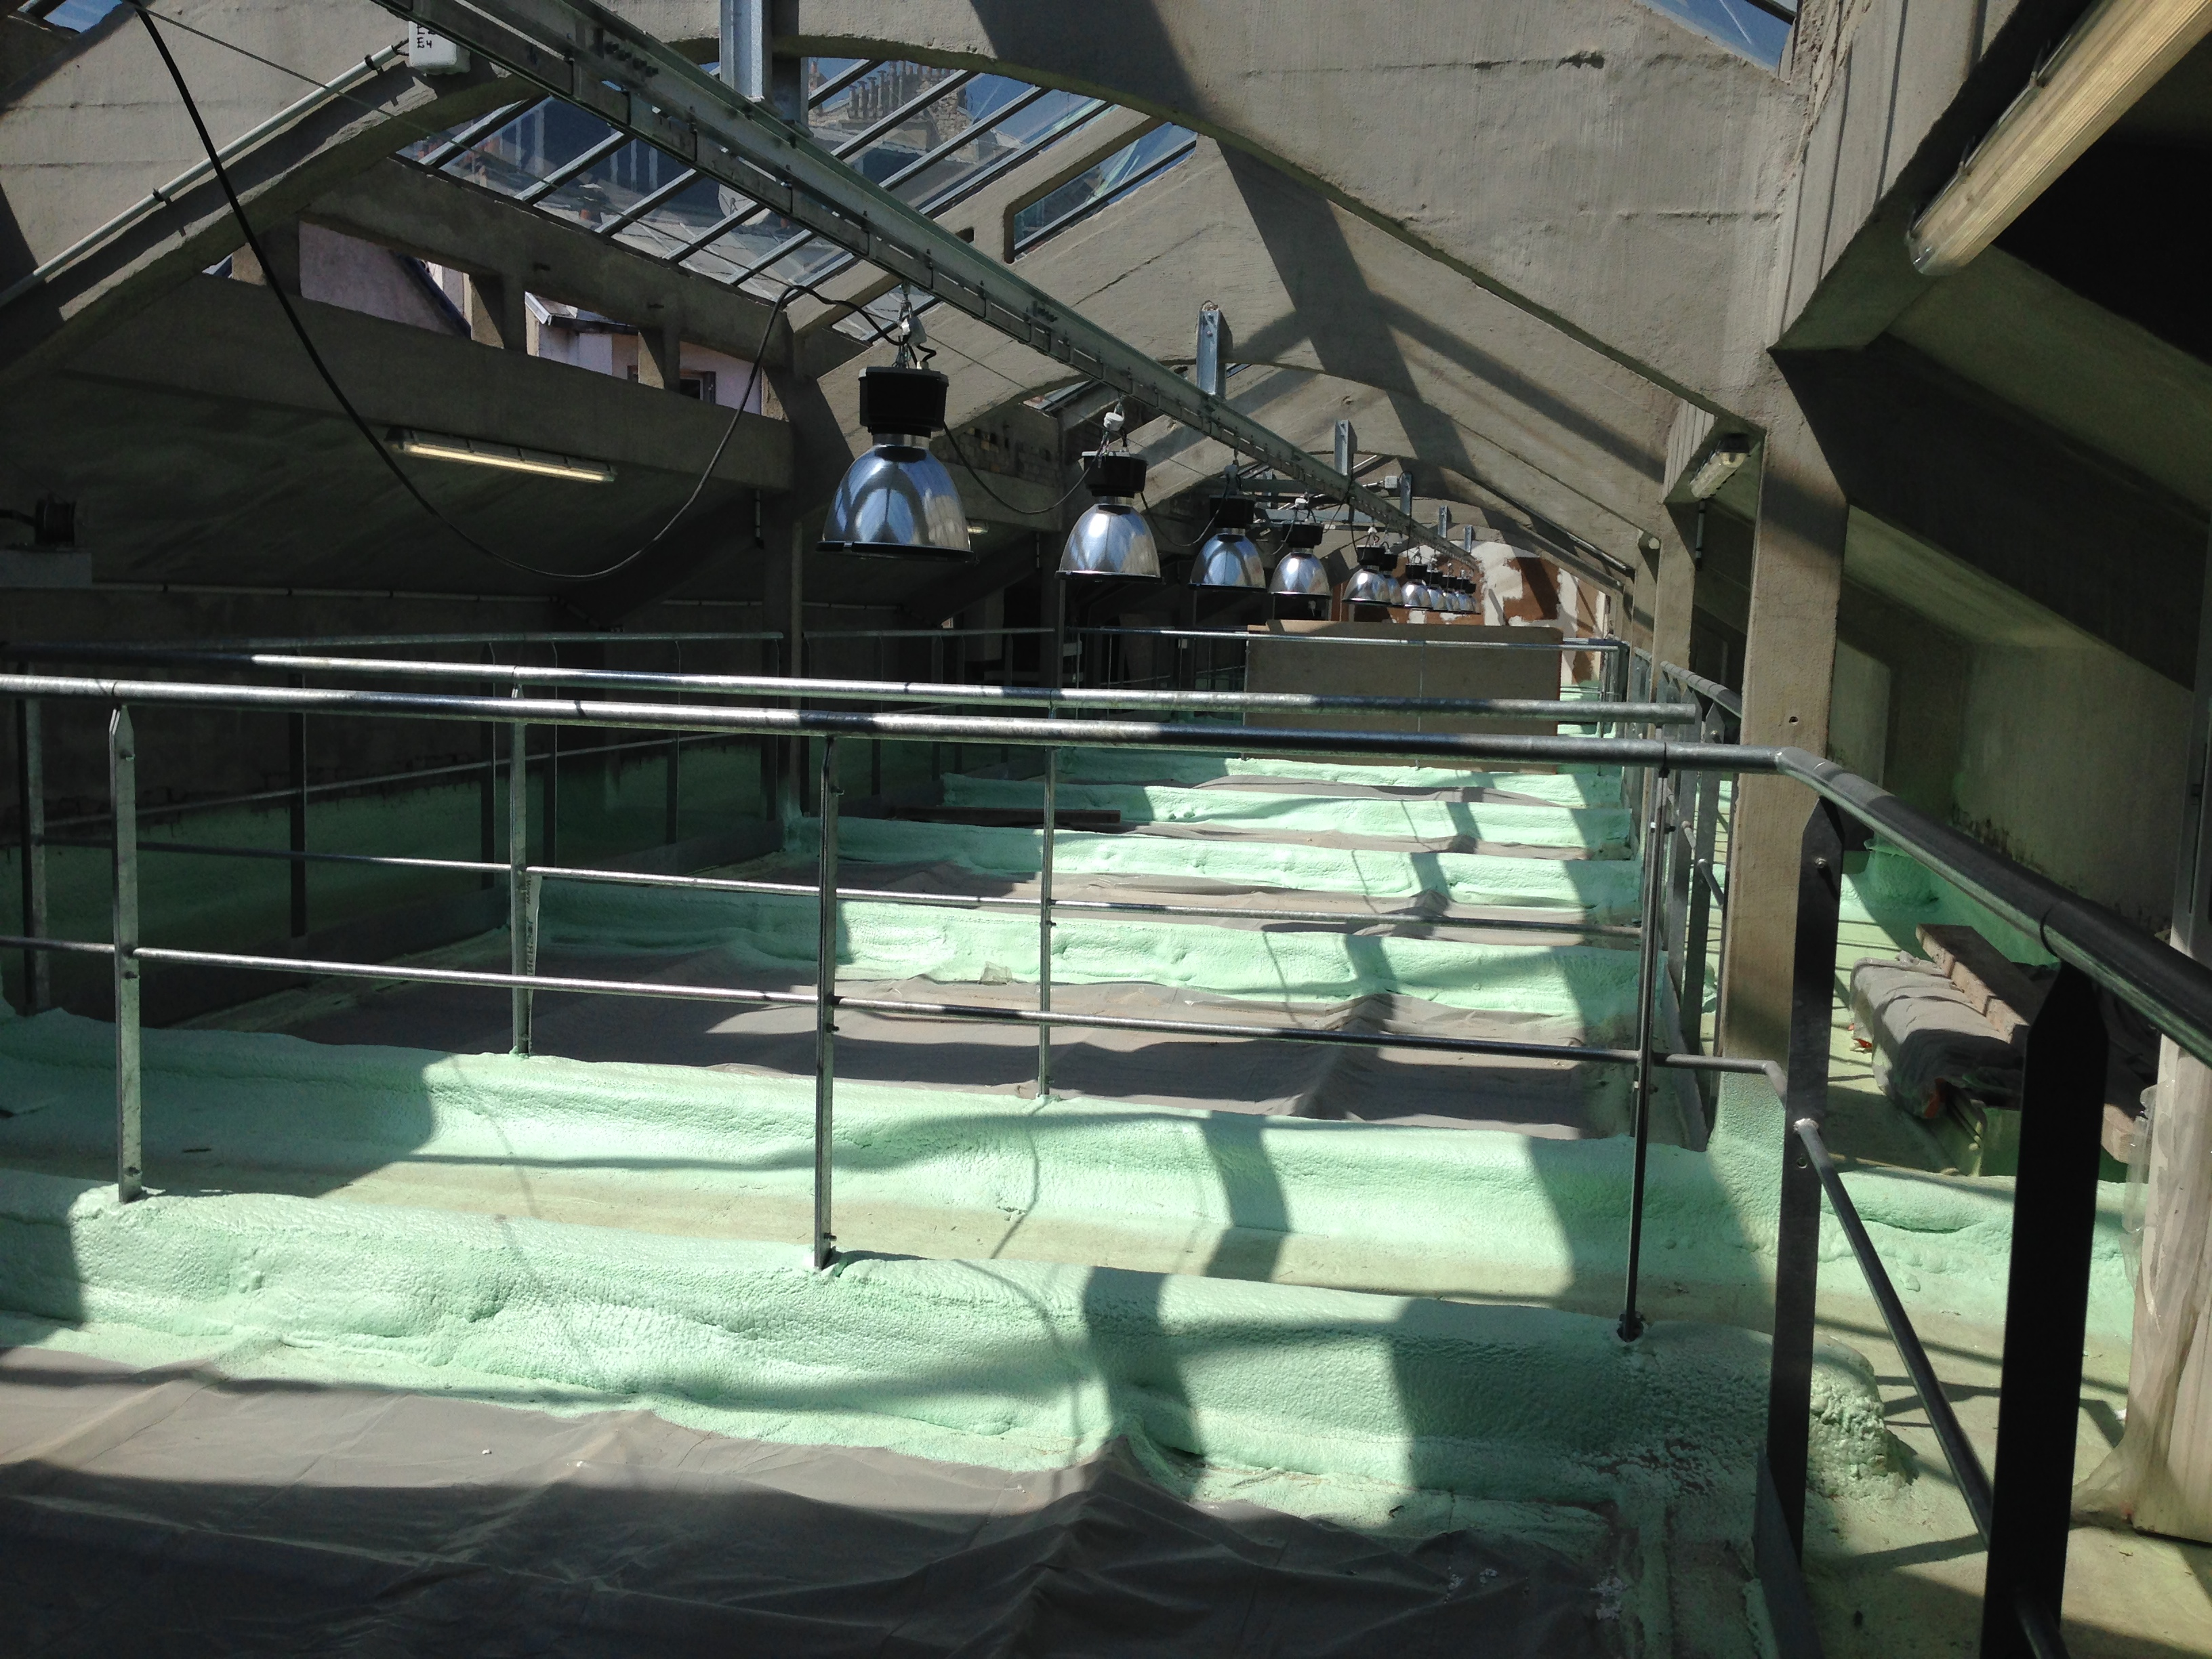 Chantiers isolation projet e mousse polyur thane paris - Boudin piscine mousse polyurethane ...